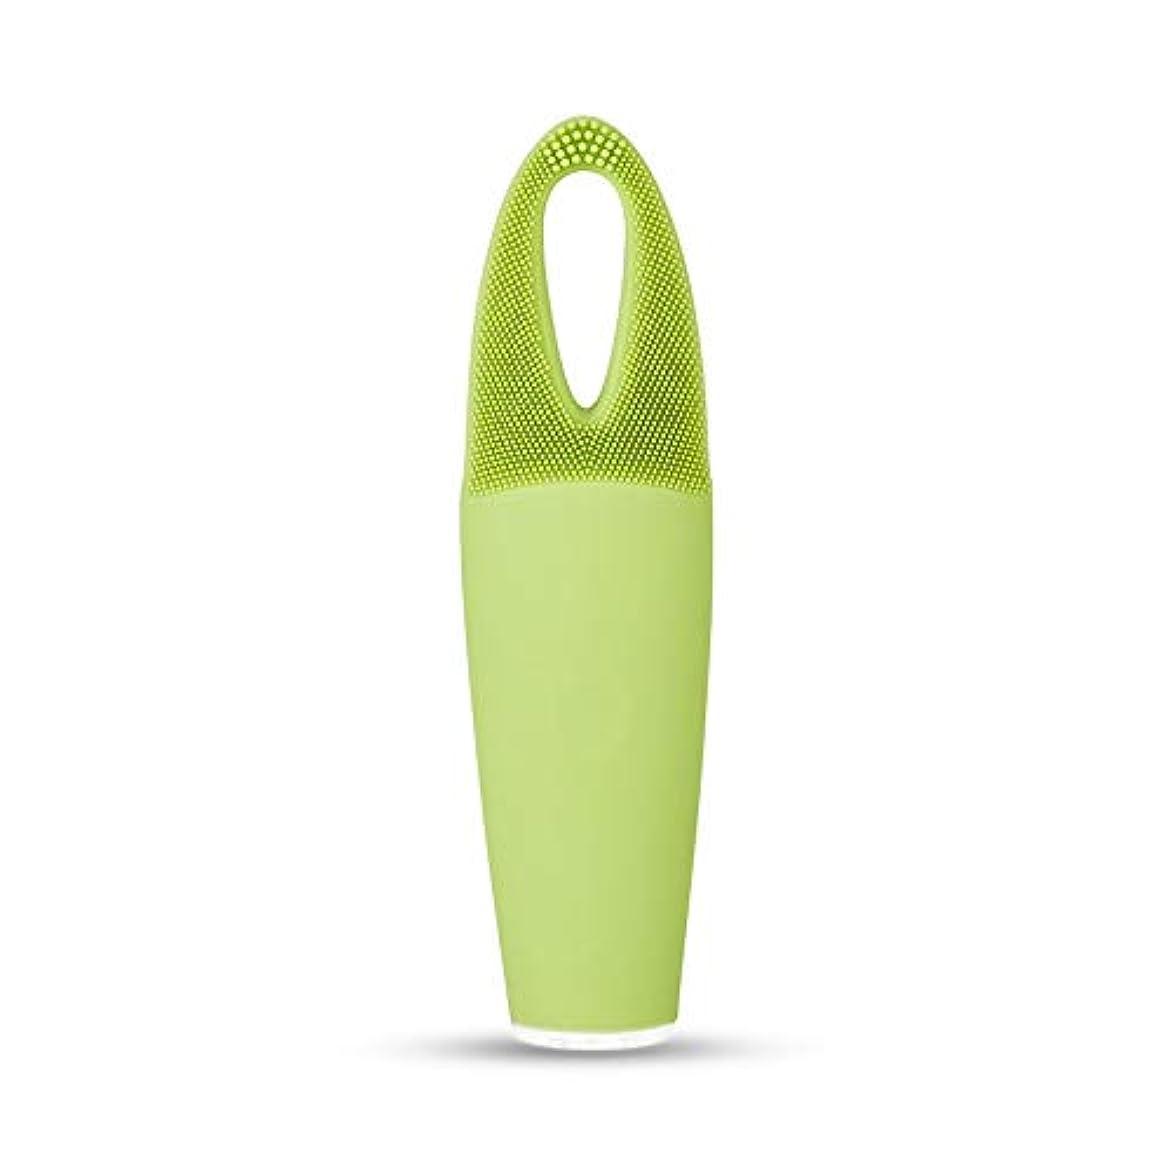 ストッキング日光プレビスサイトZXF 電気防水両面クレンジングブラシ超音波振動シリコーンクレンジング楽器敏感な筋肉洗浄器具美容器具マッサージ器具 滑らかである